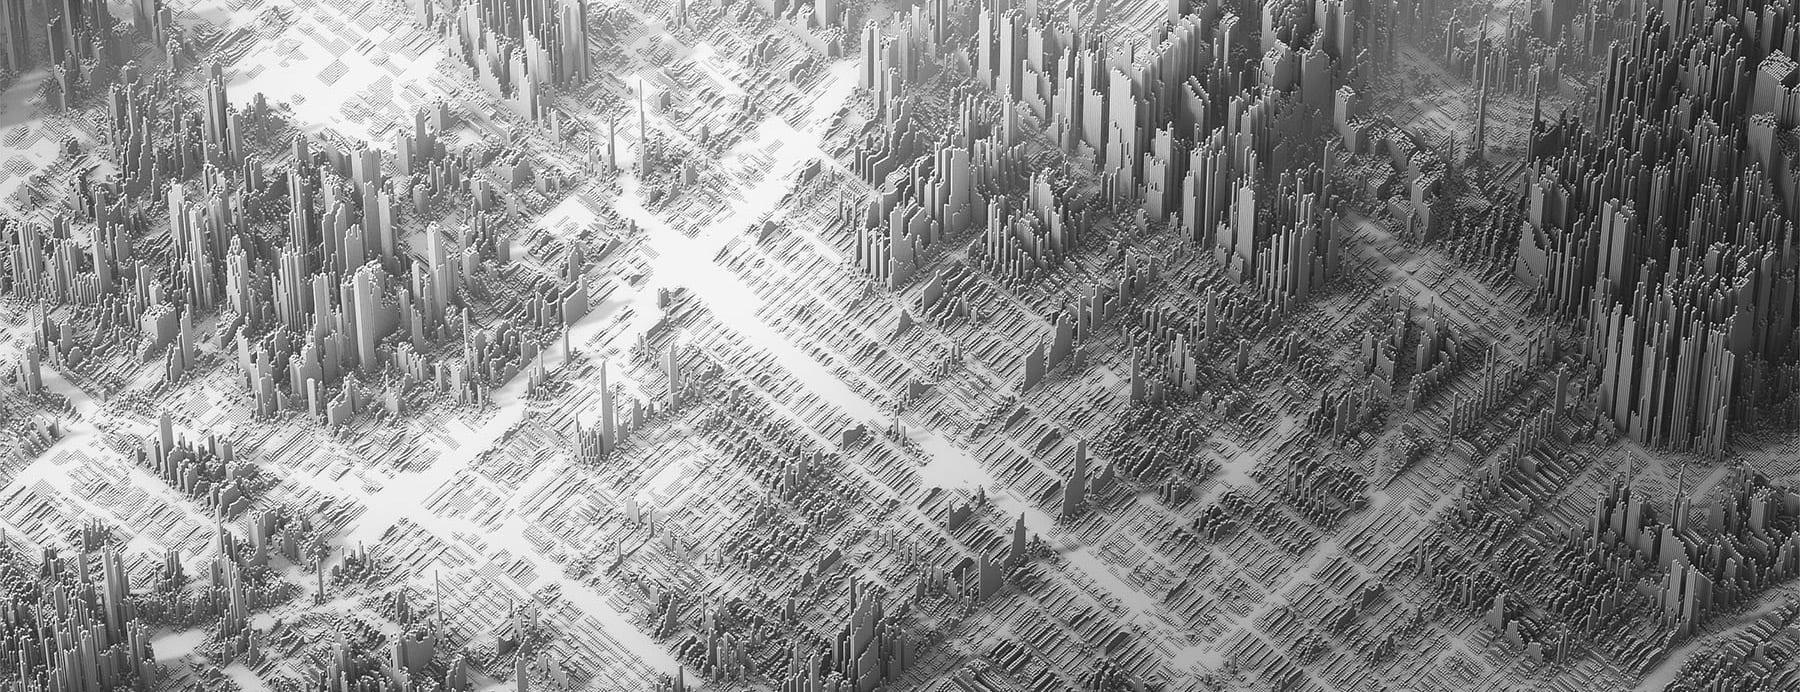 33 - Herwig Scherabon vizuálně zdůrazňuje nerovnost příjmů ve velkých městech